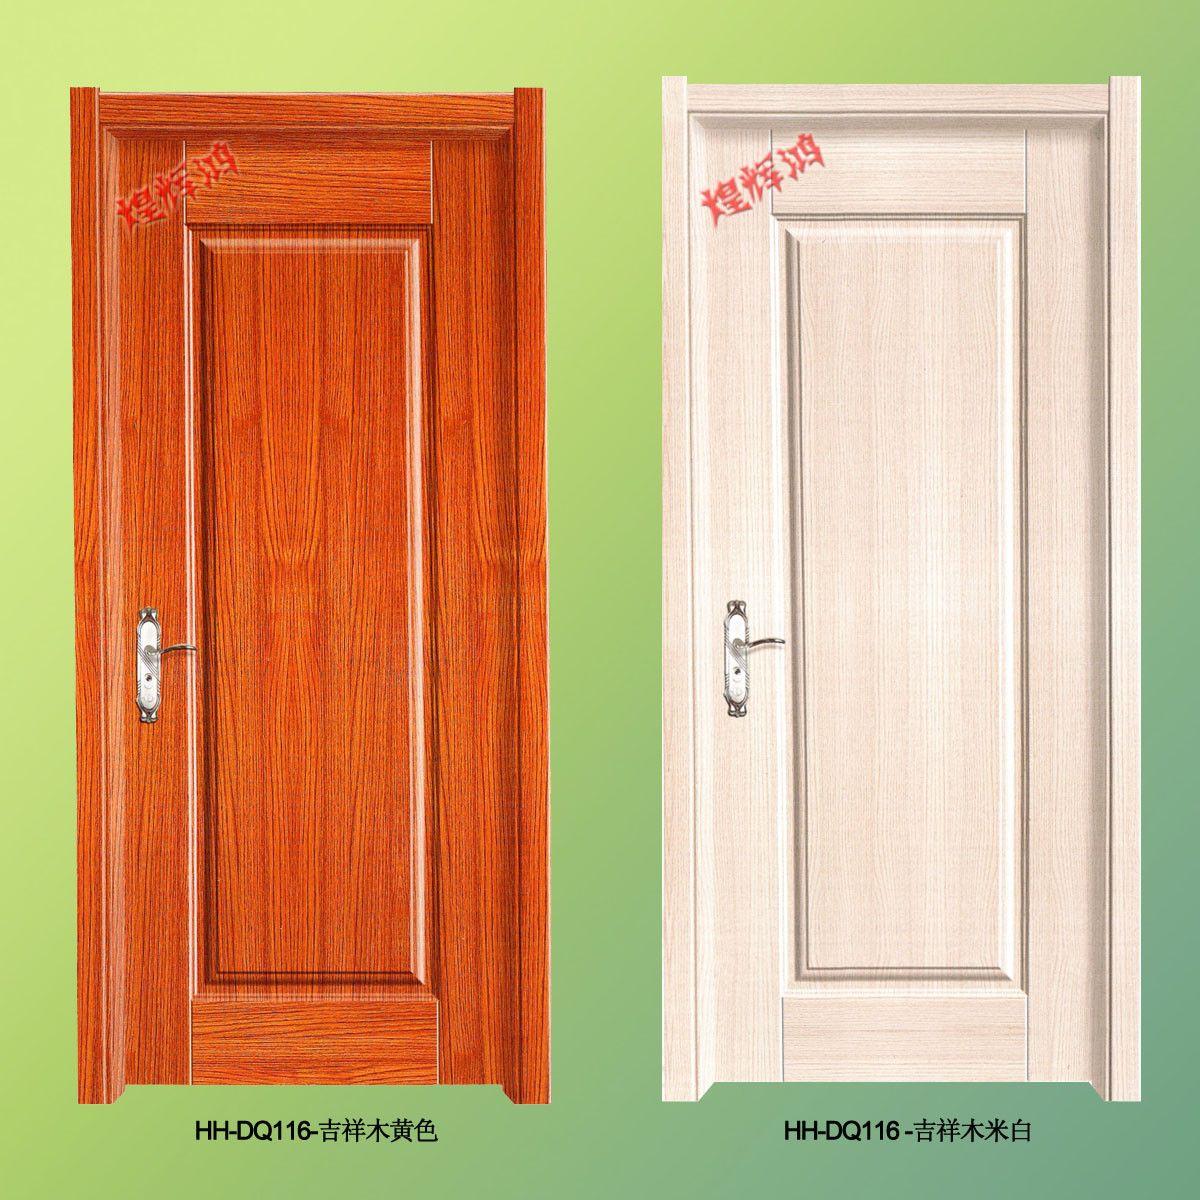 防水型木门|夹板型木门|防水免漆门|广东夹板门厂|煌辉鸿木门